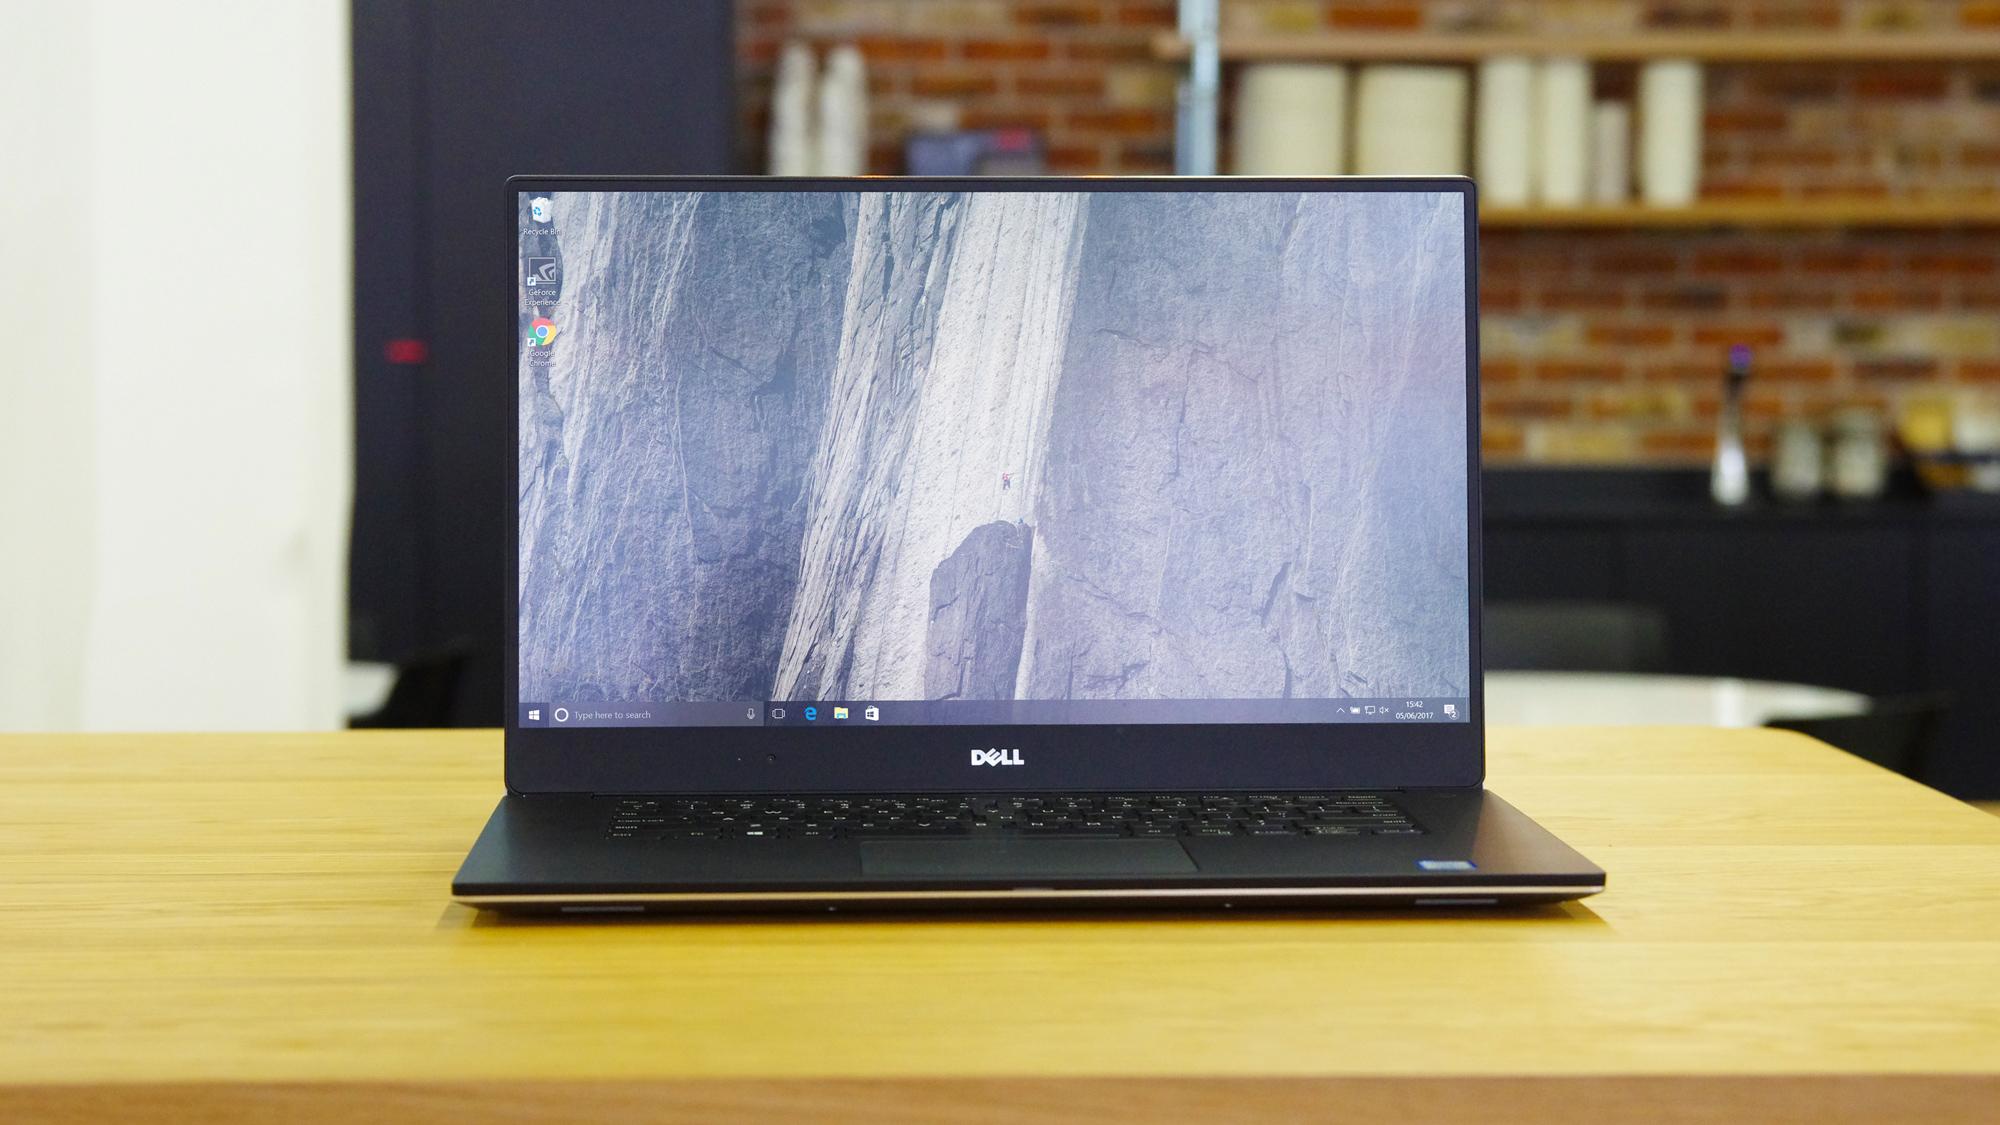 Revisão do Dell XPS 15 (2017): ainda é o melhor Windows 10 laptop?